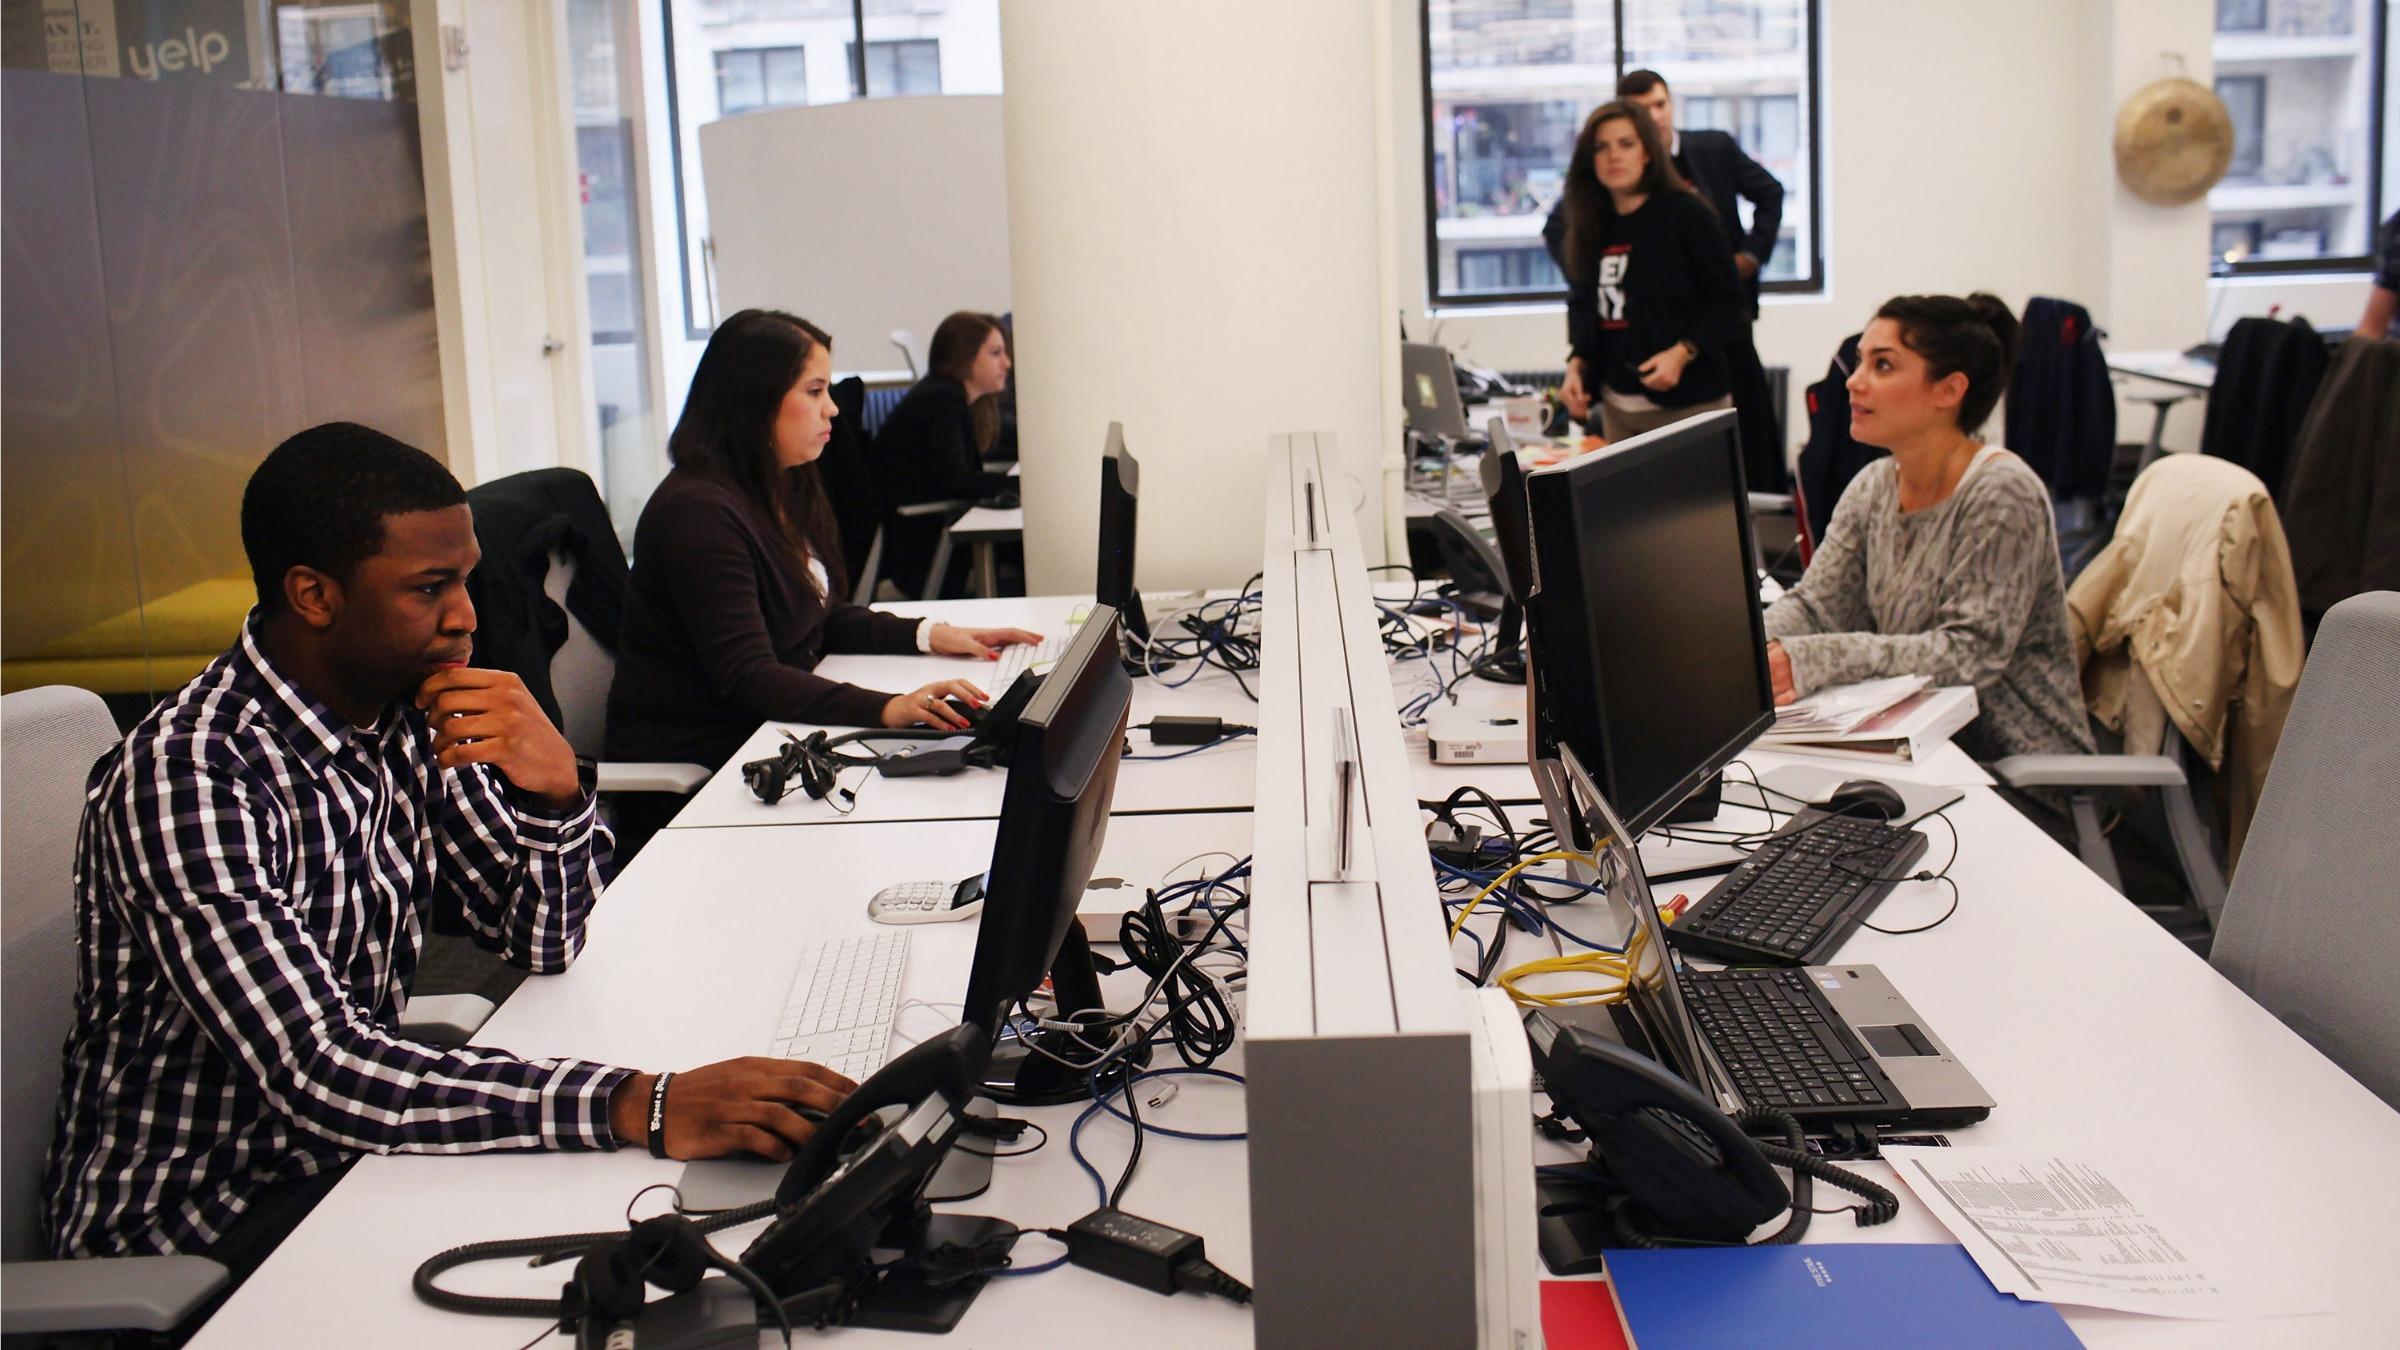 kimball office orders uber yelp. Yelp Nyc Office. Offices In New York. Office G Kimball Orders Uber